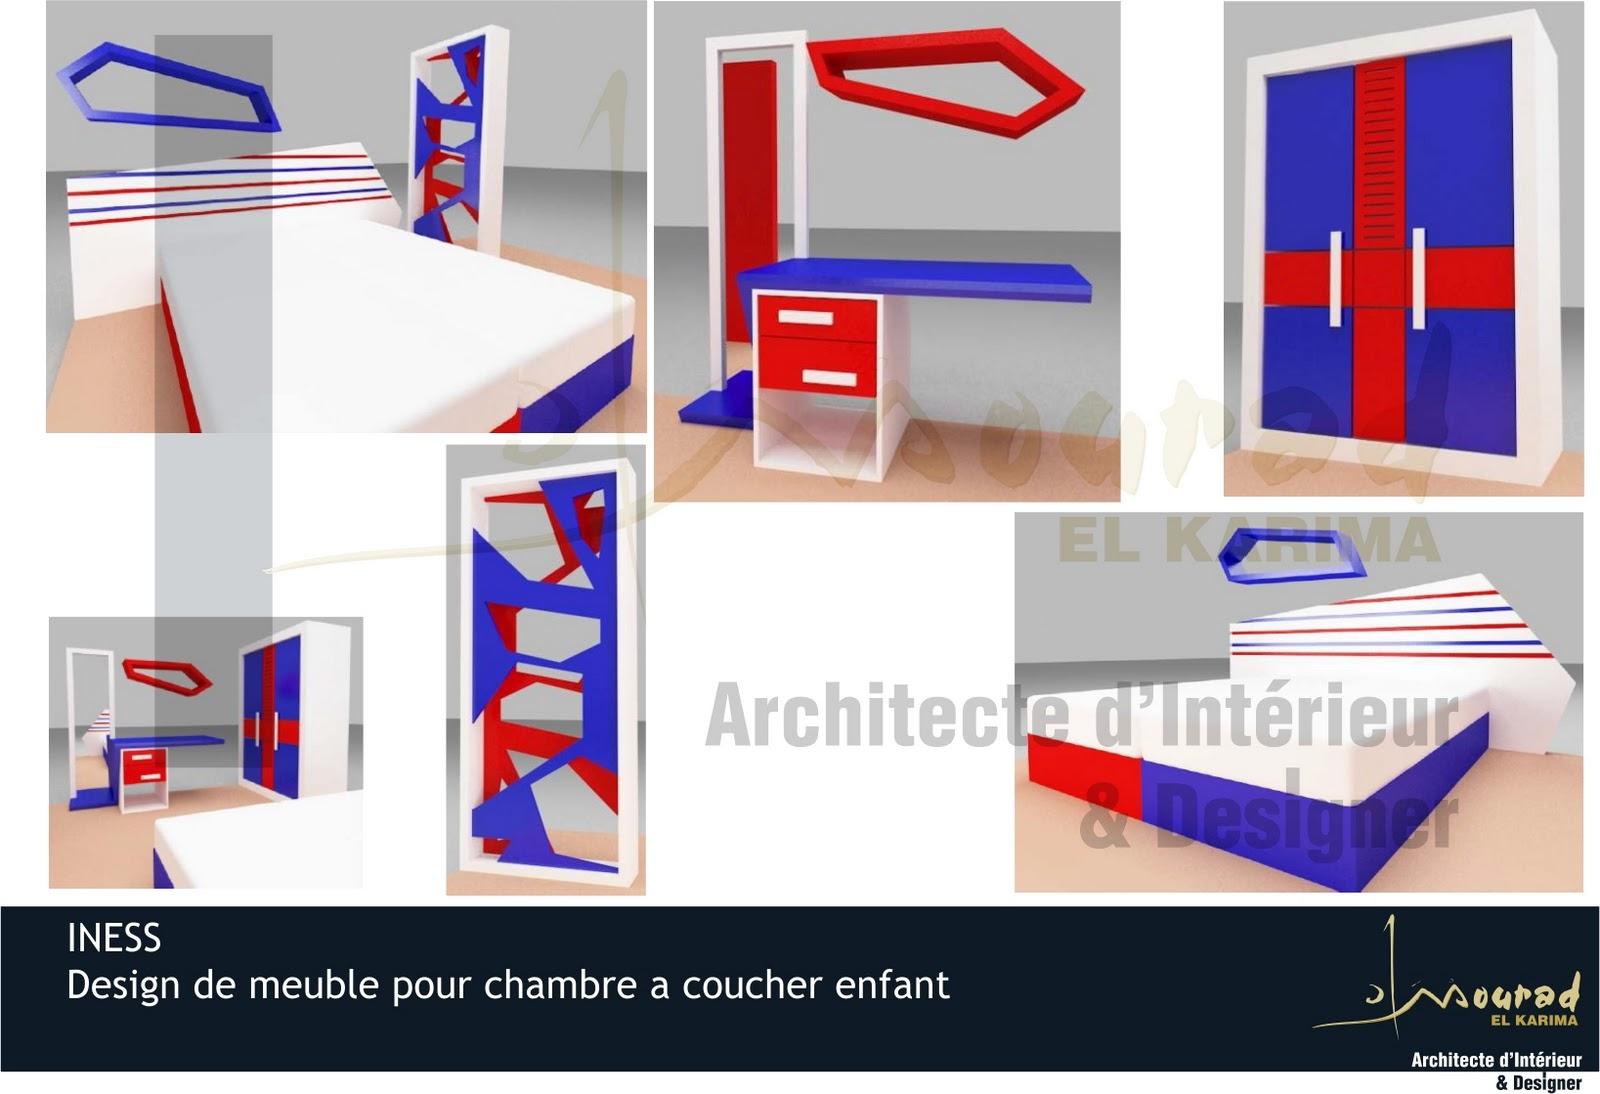 Iness design de meuble pour chambre a coucher enfant for Design interieur chambre a coucher